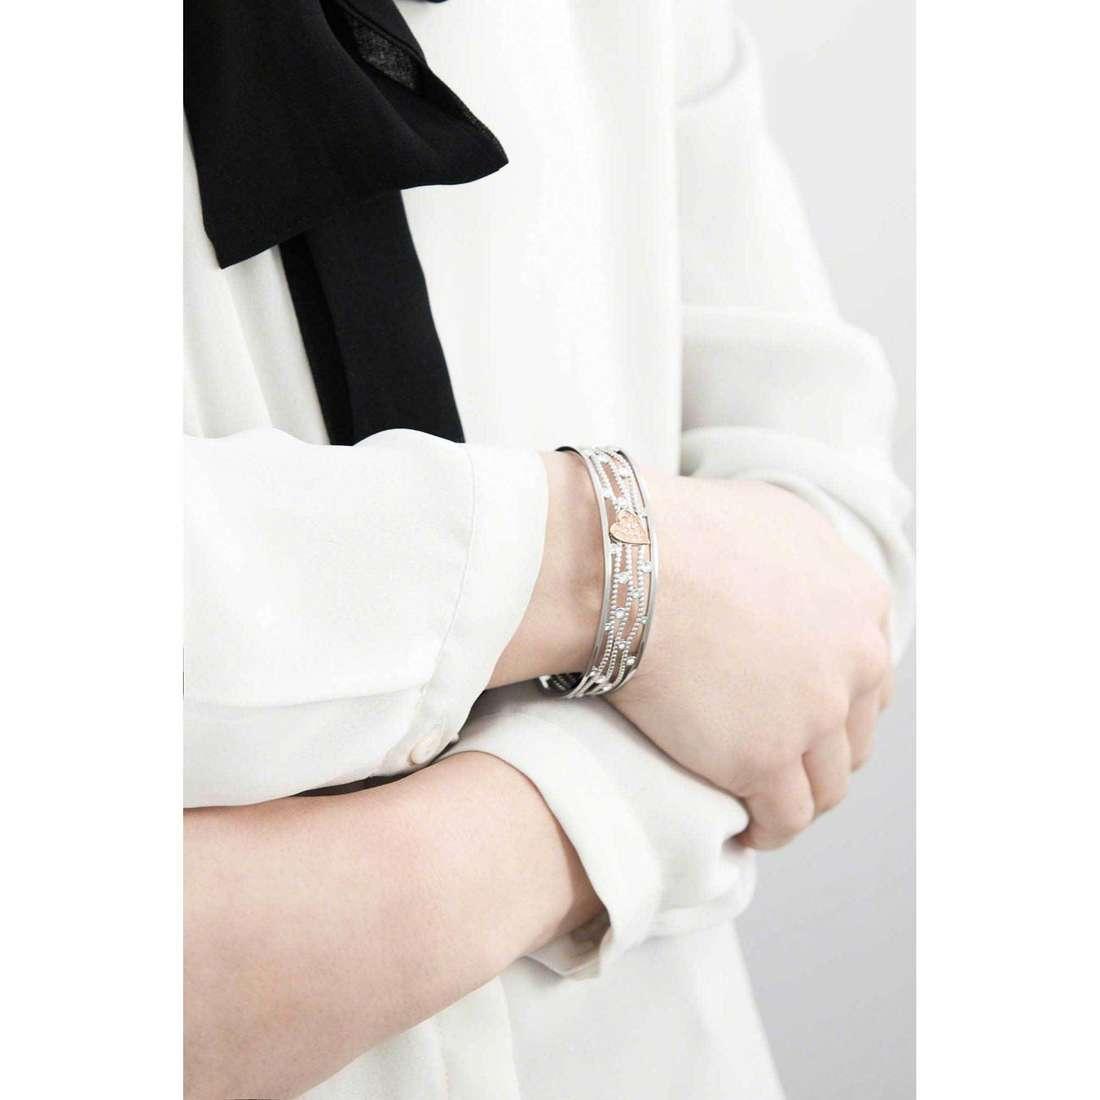 Morellato bracciali Cuore Mio donna SADA07 indosso